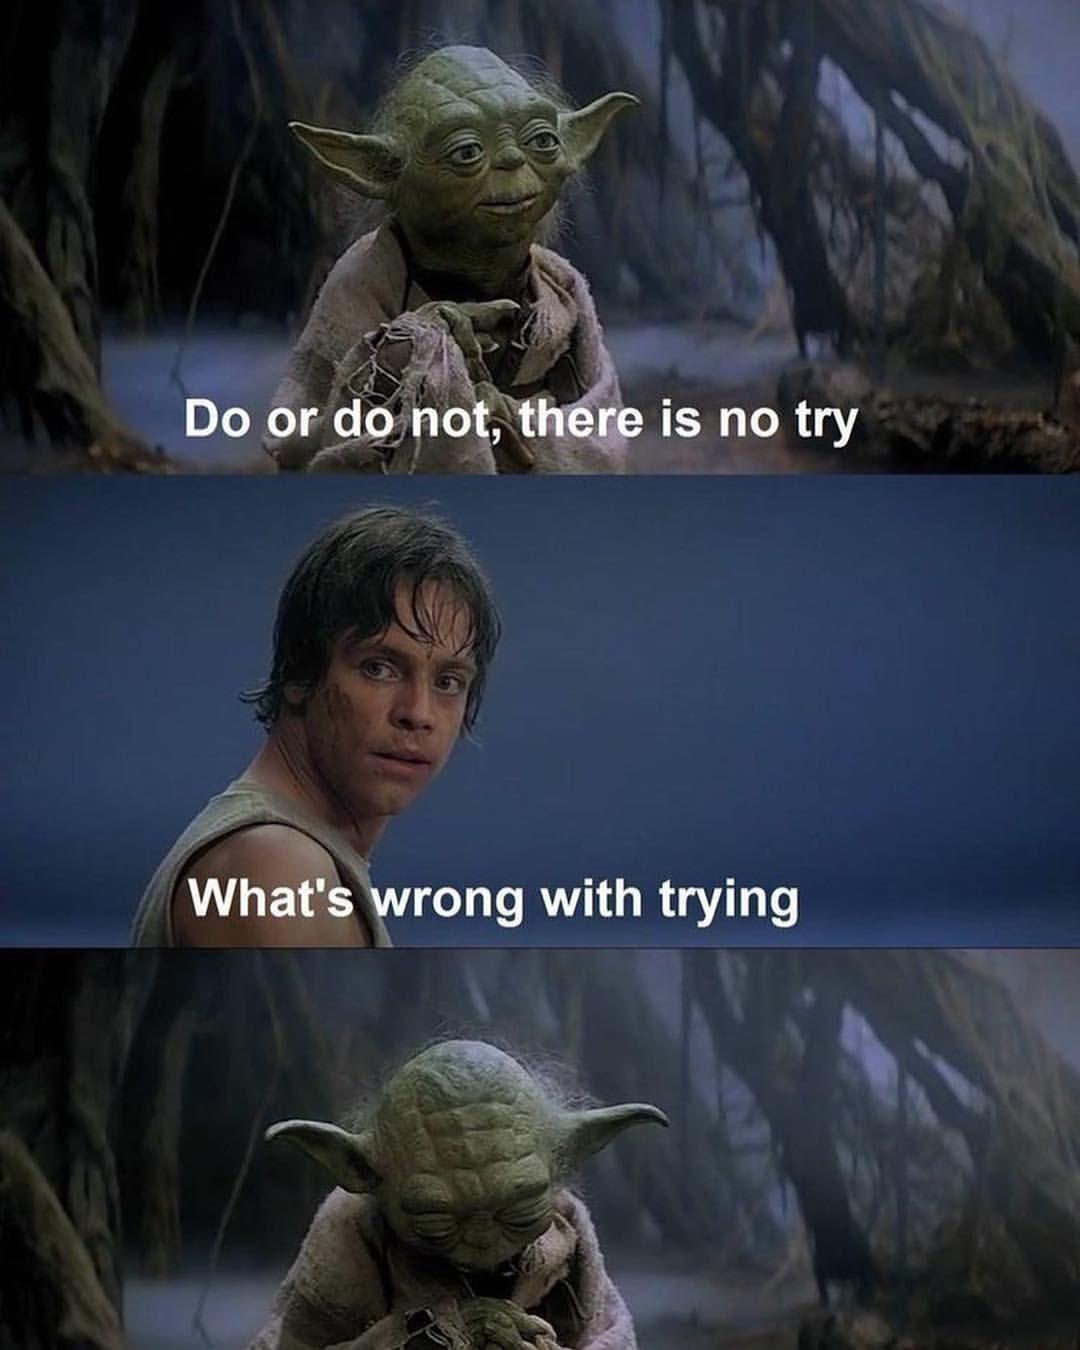 Do Or Do Not There Is No Try Swipe Left Yoda Jedi Lukeskywalker Obiwan Obiwankenobi Anakin Anakinskywalker Star Wars Yoda Luke Skywalker